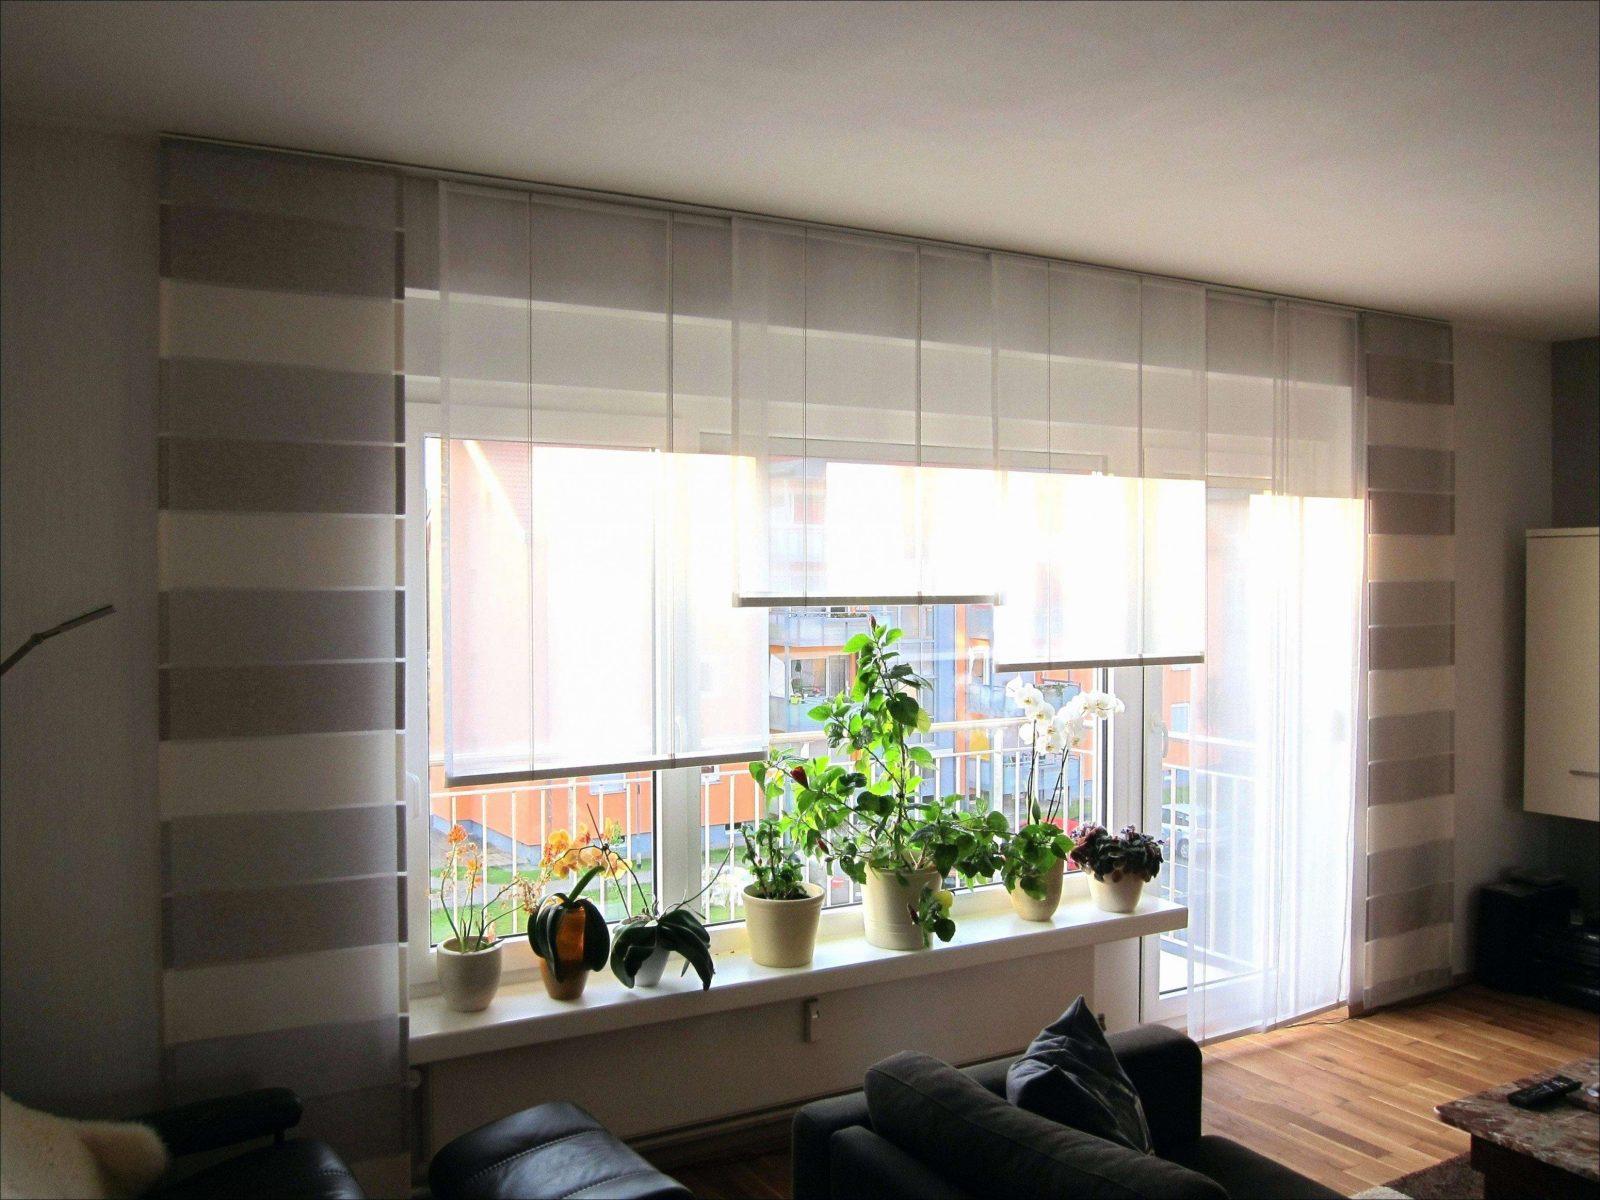 gardinen für wohnzimmer mit balkontür schön fenster vorhänge kurz